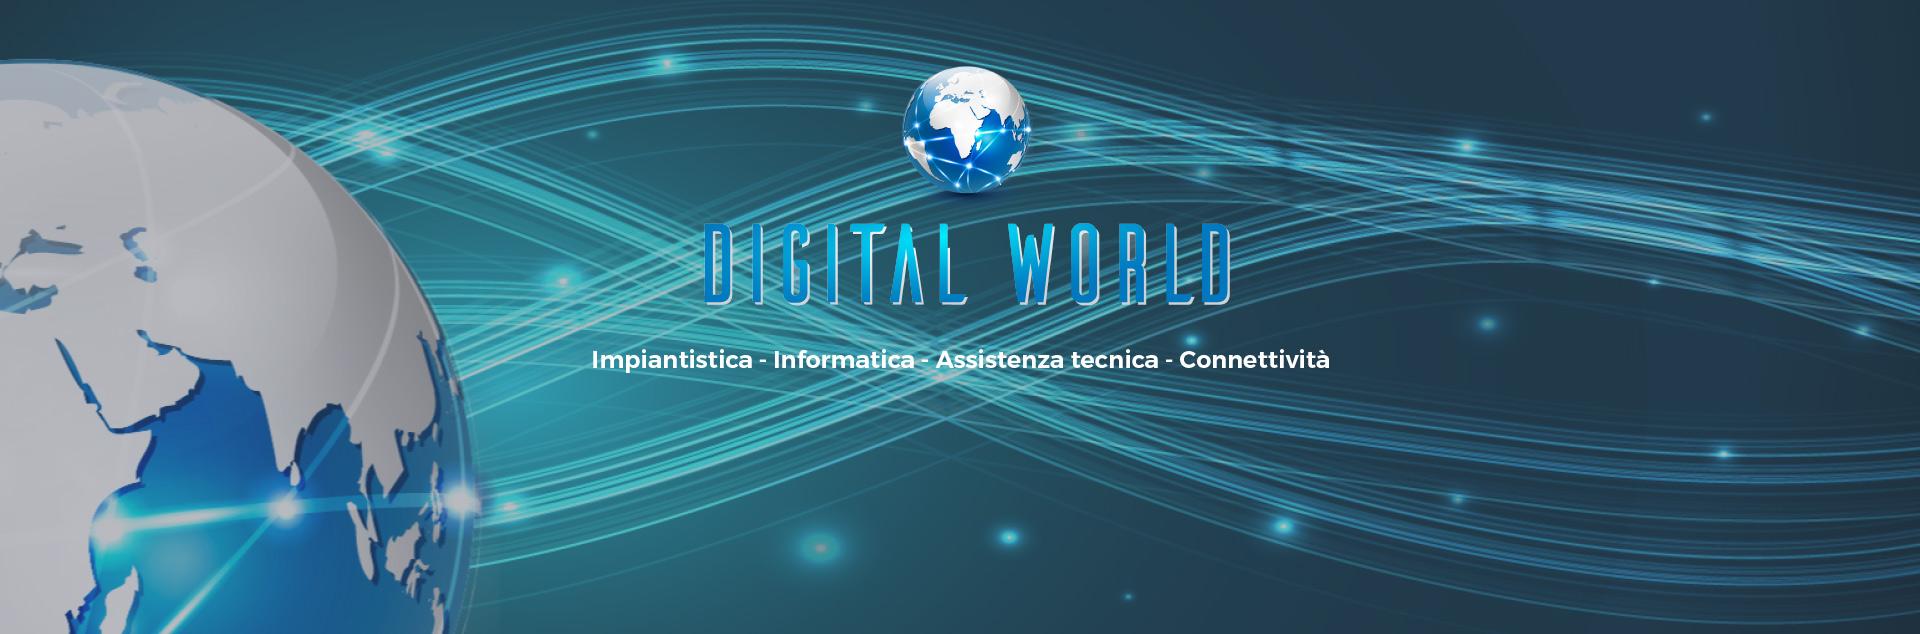 Digital World Asiago